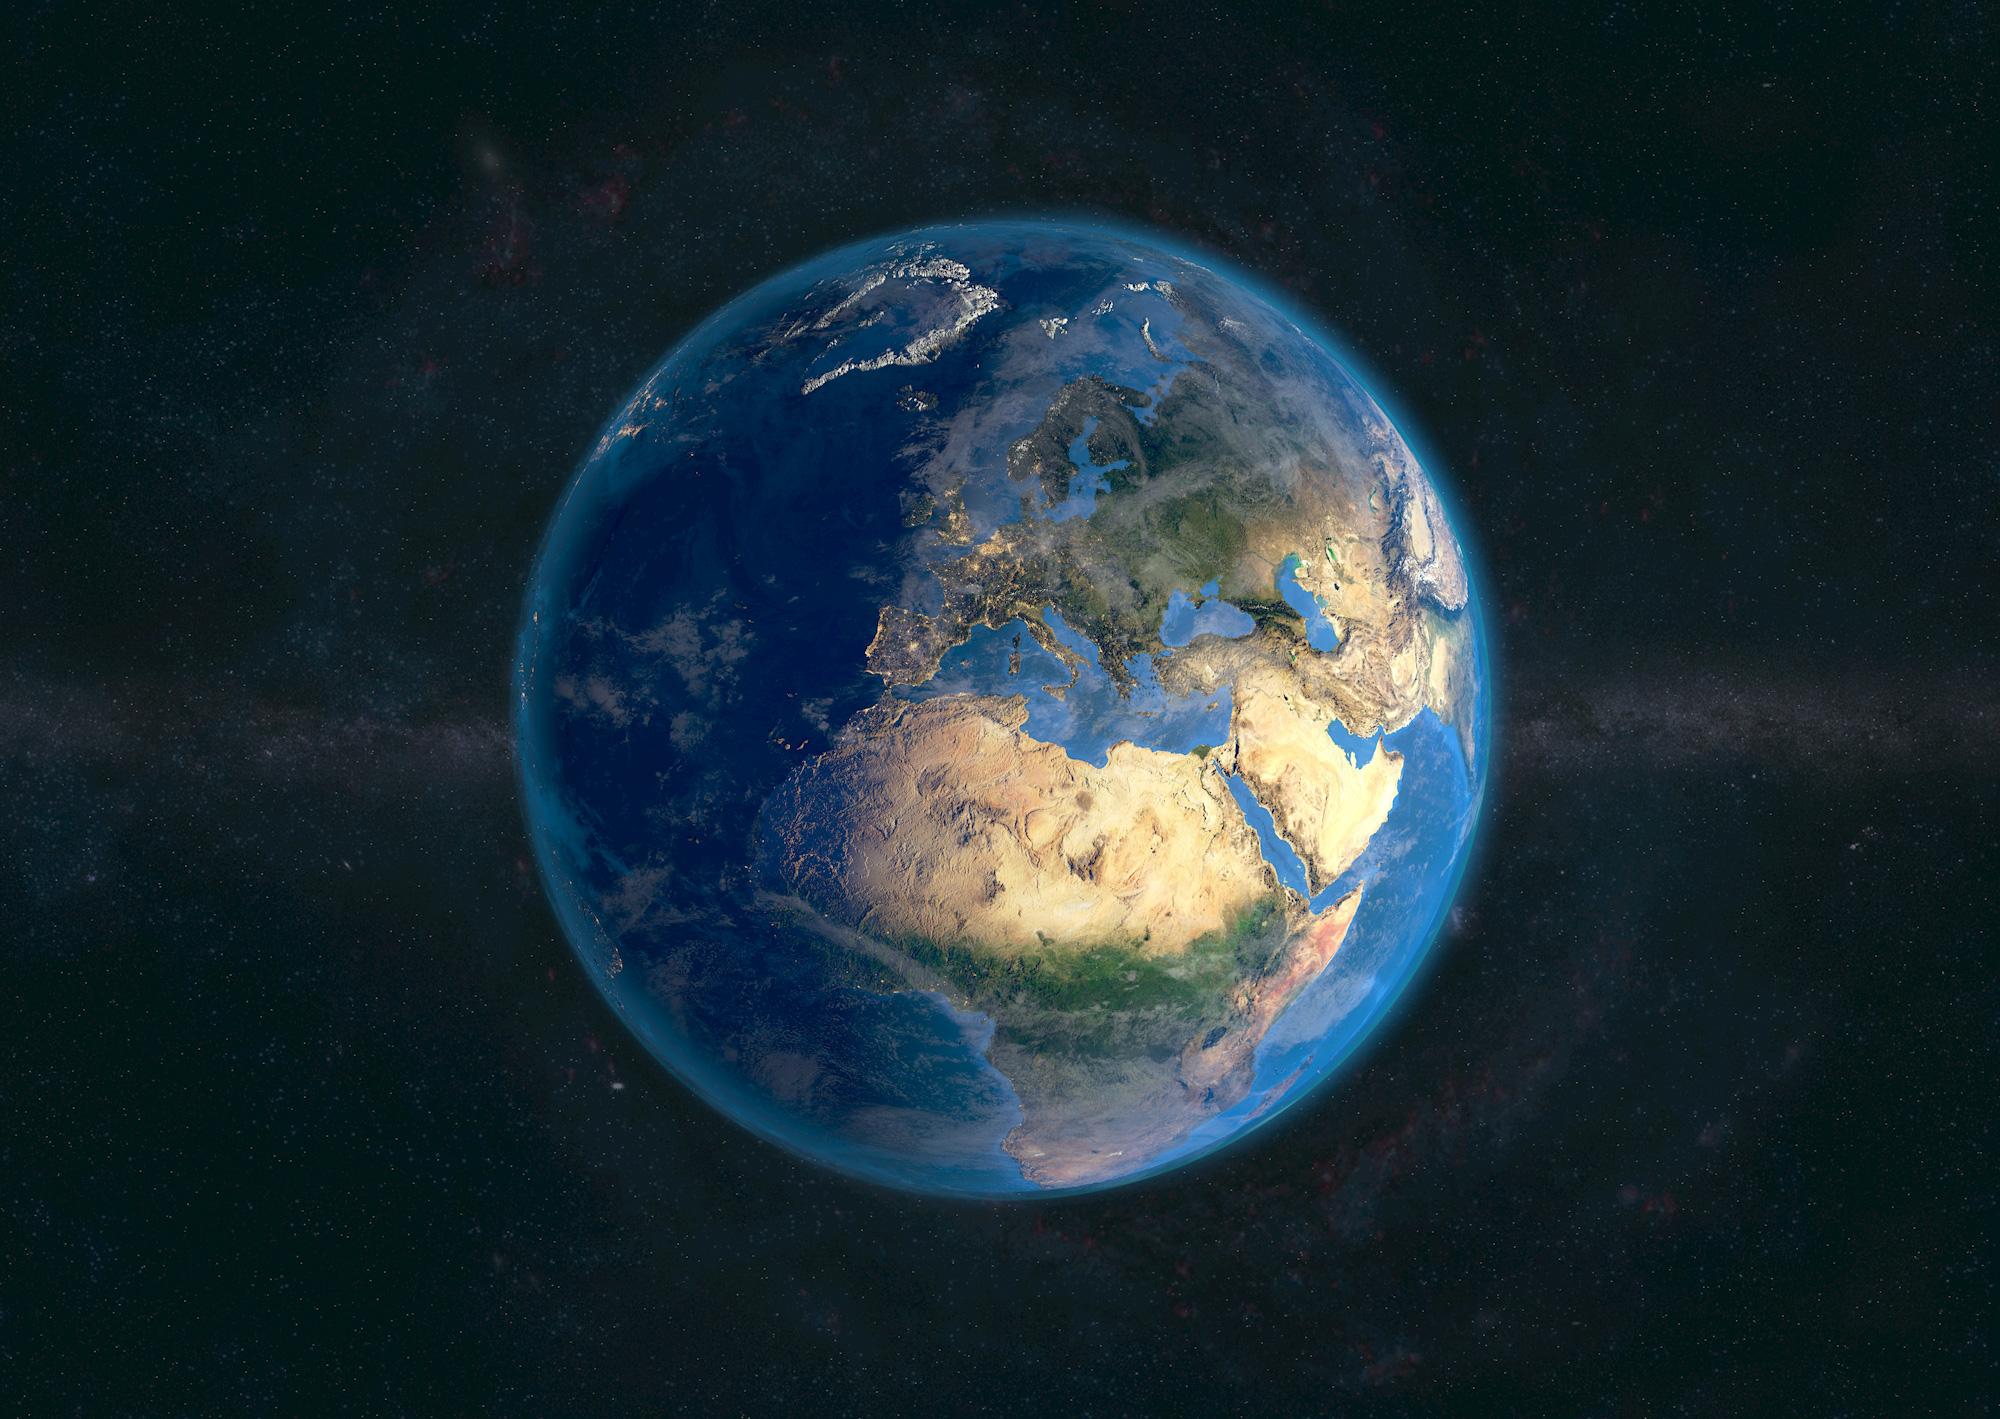 Earth_DayNight_A1_0078